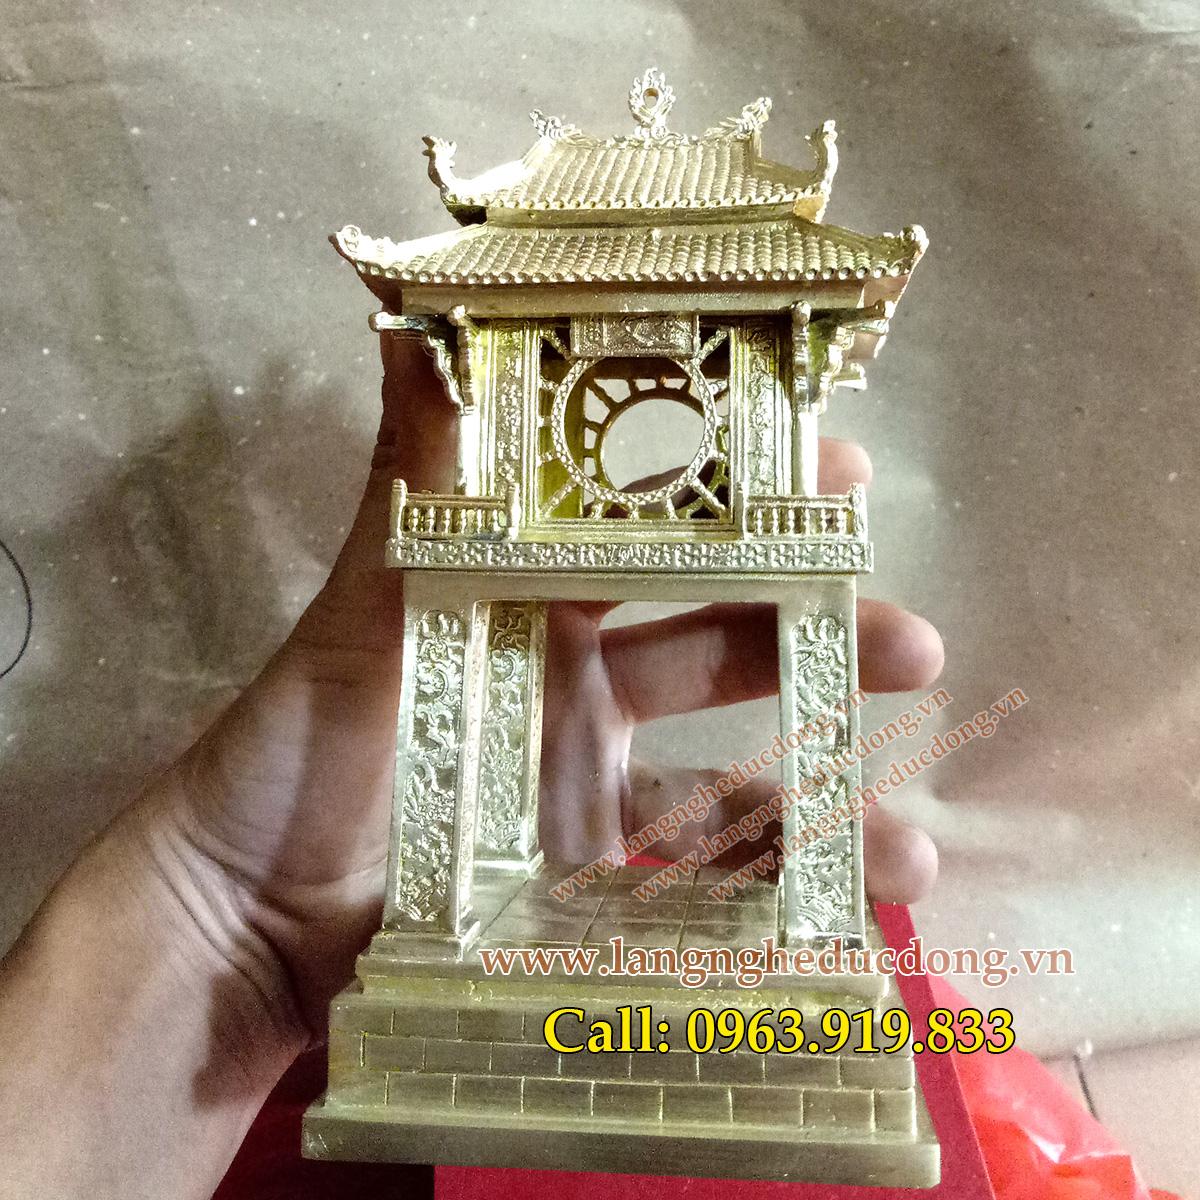 langngheducdong.vn - quà tặng bằng đồng, quà tặng cao cấp, đồ đồng cao cấp, mô hình khuê văn các